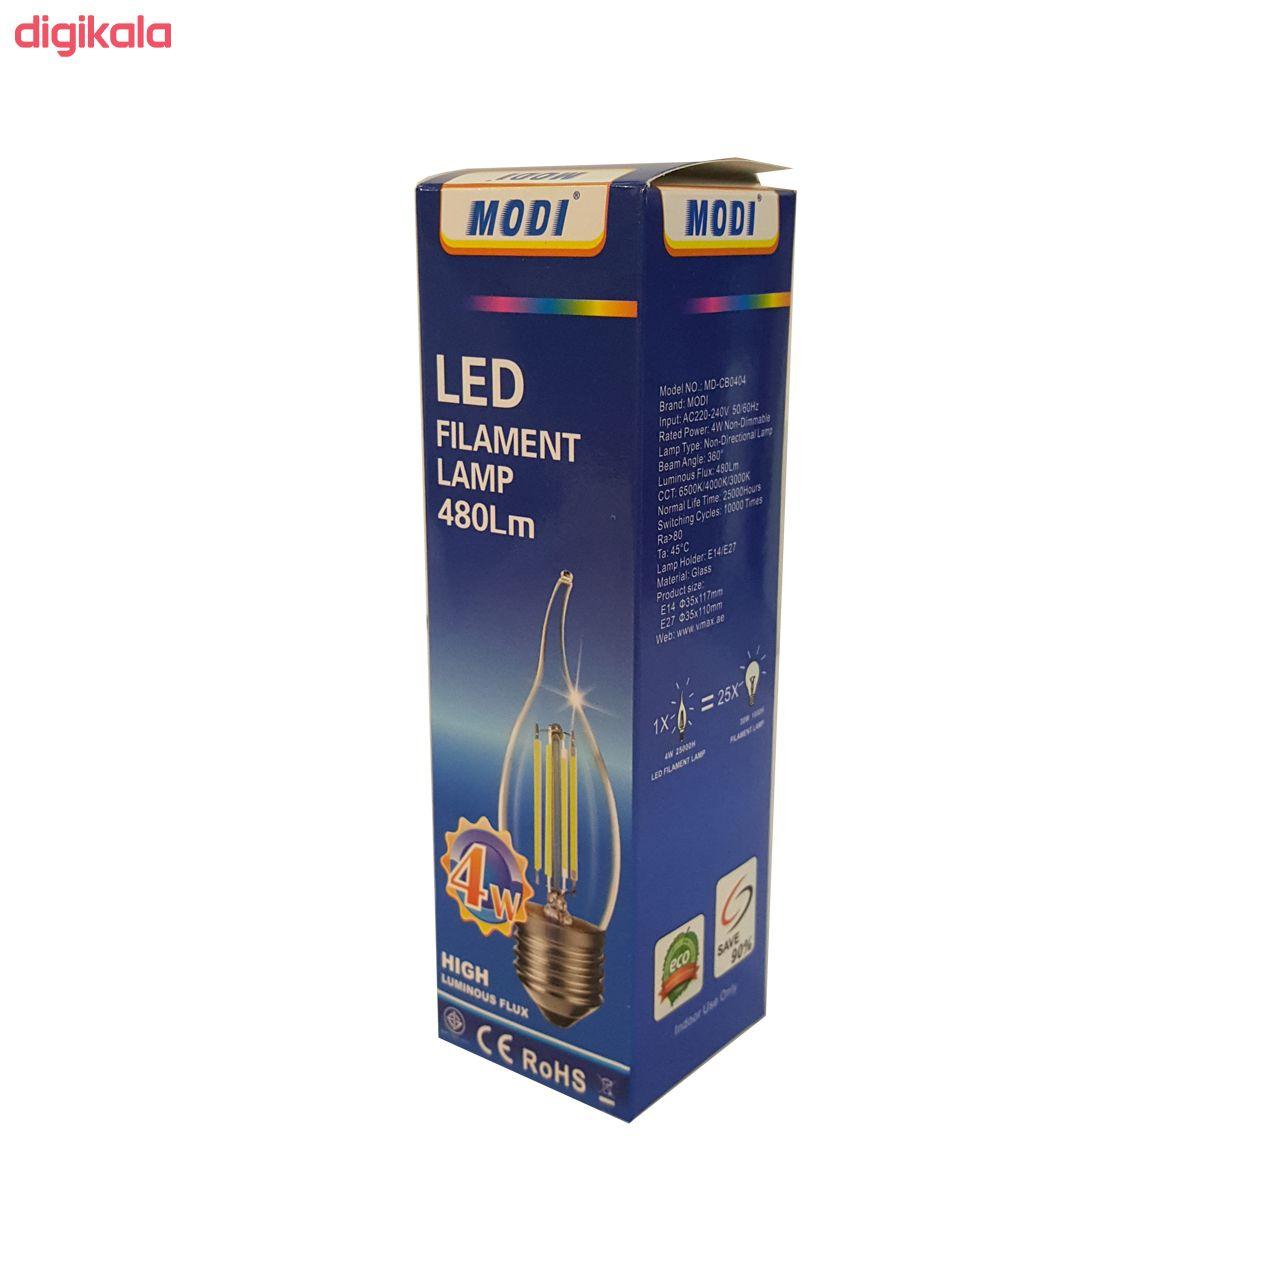 لامپ فیلامنتی 4 وات مودی مدل Nik480 پایه E14 main 1 2